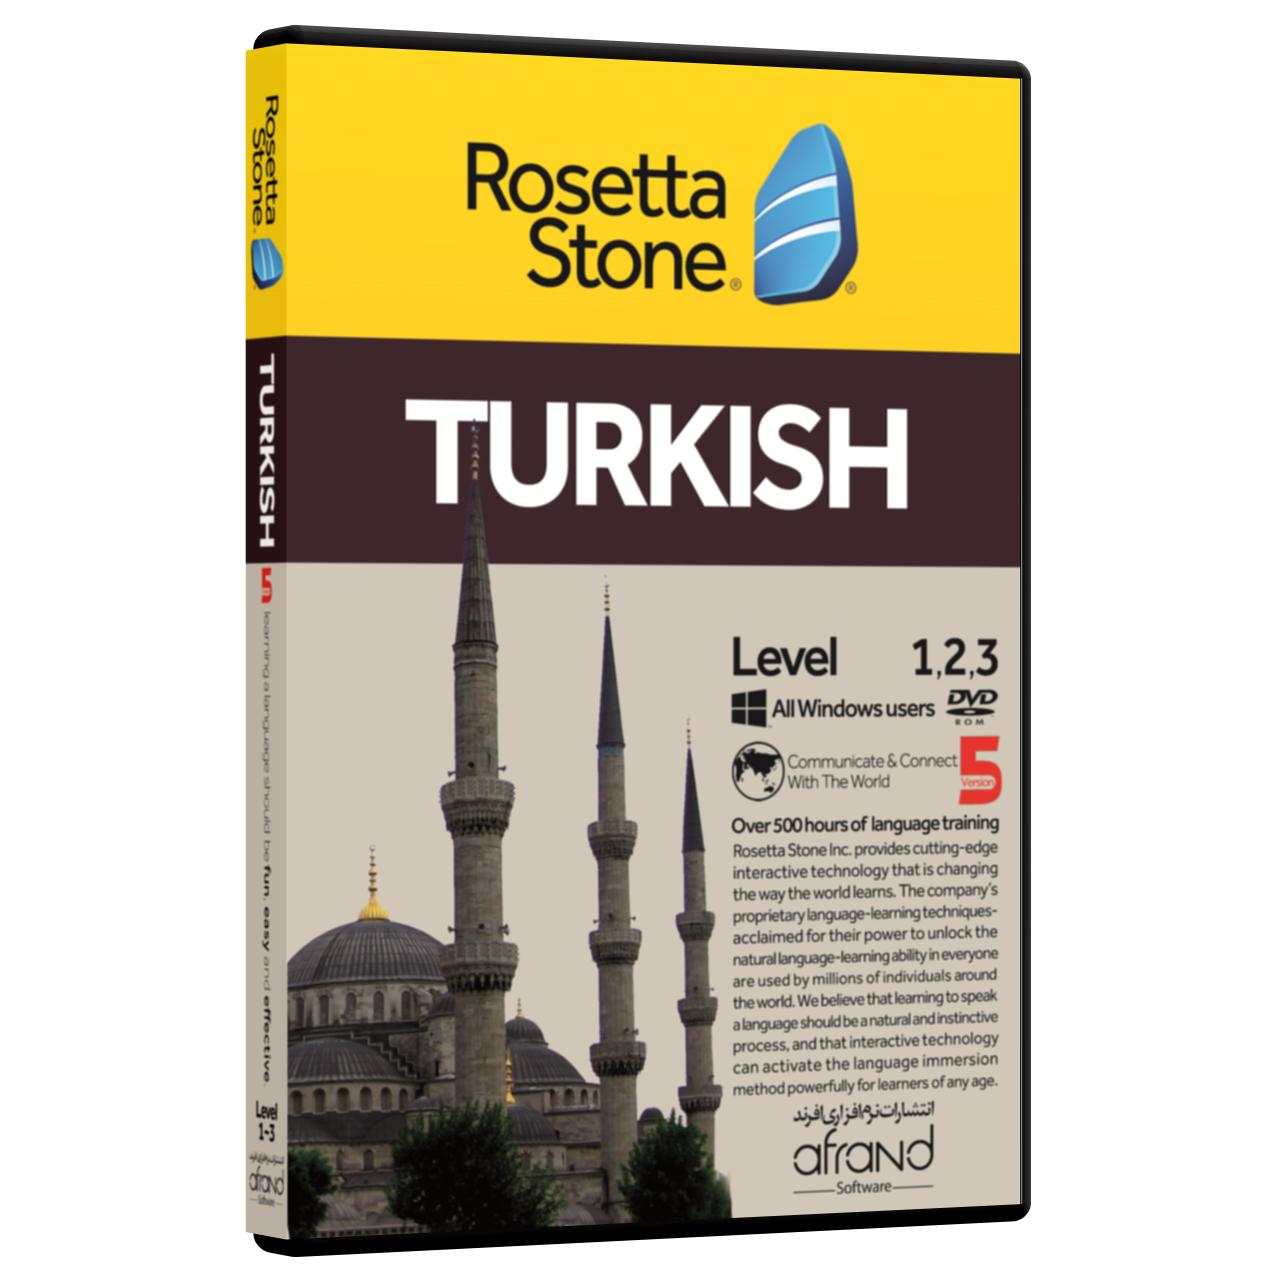 نرم افزار آموزش زبان ترکی استانبولی رزتااستون نسخه 5 انتشارات نرم افزاری افرند